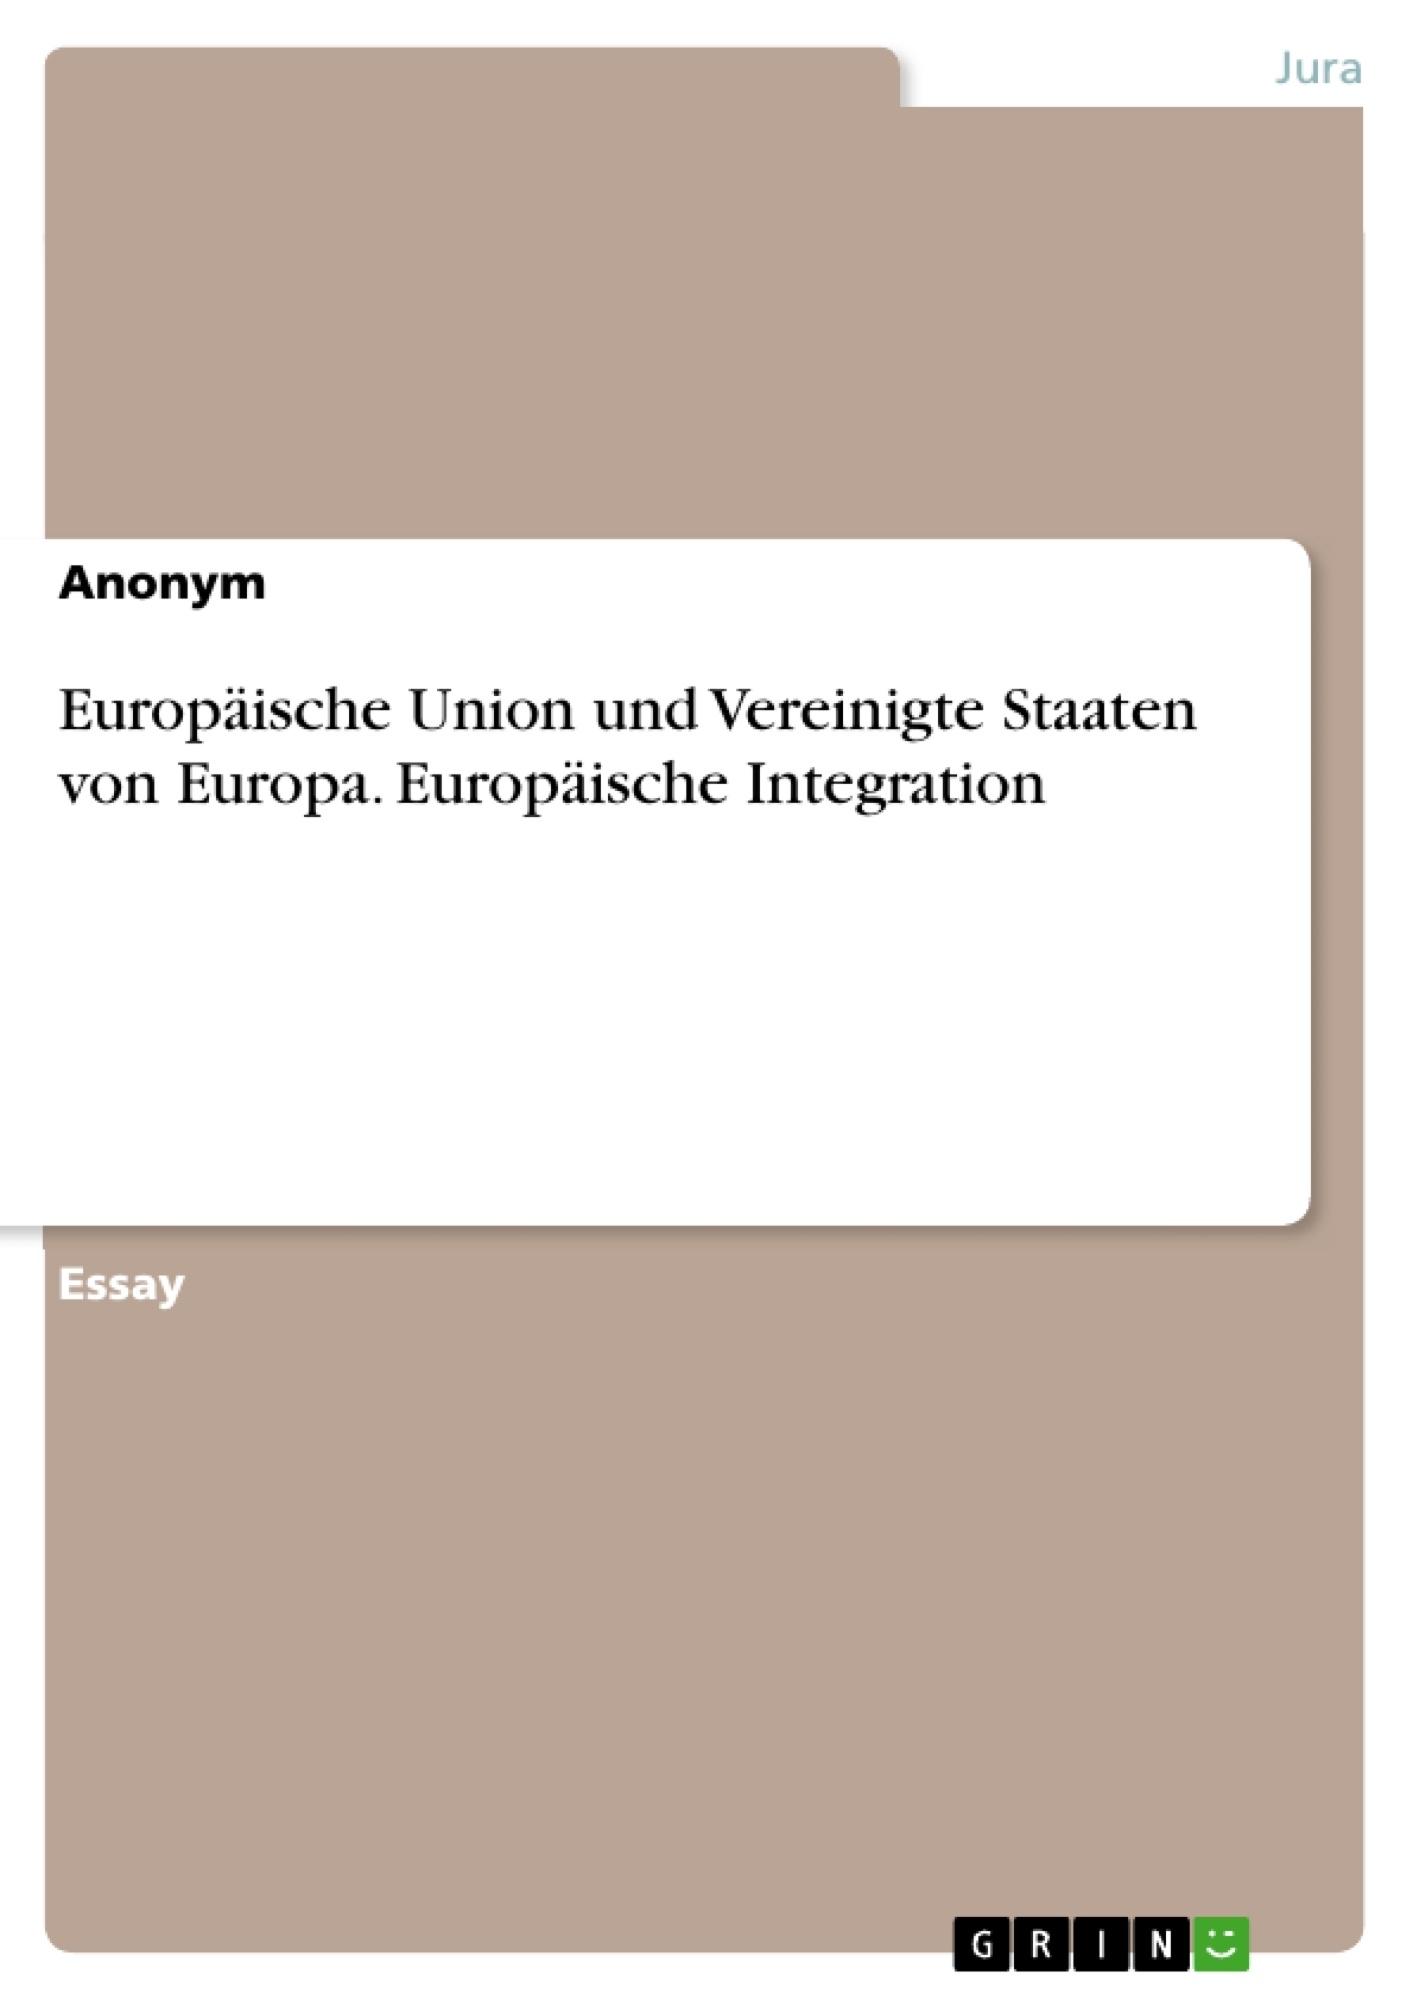 Titel: Europäische Union und Vereinigte Staaten von Europa. Europäische Integration